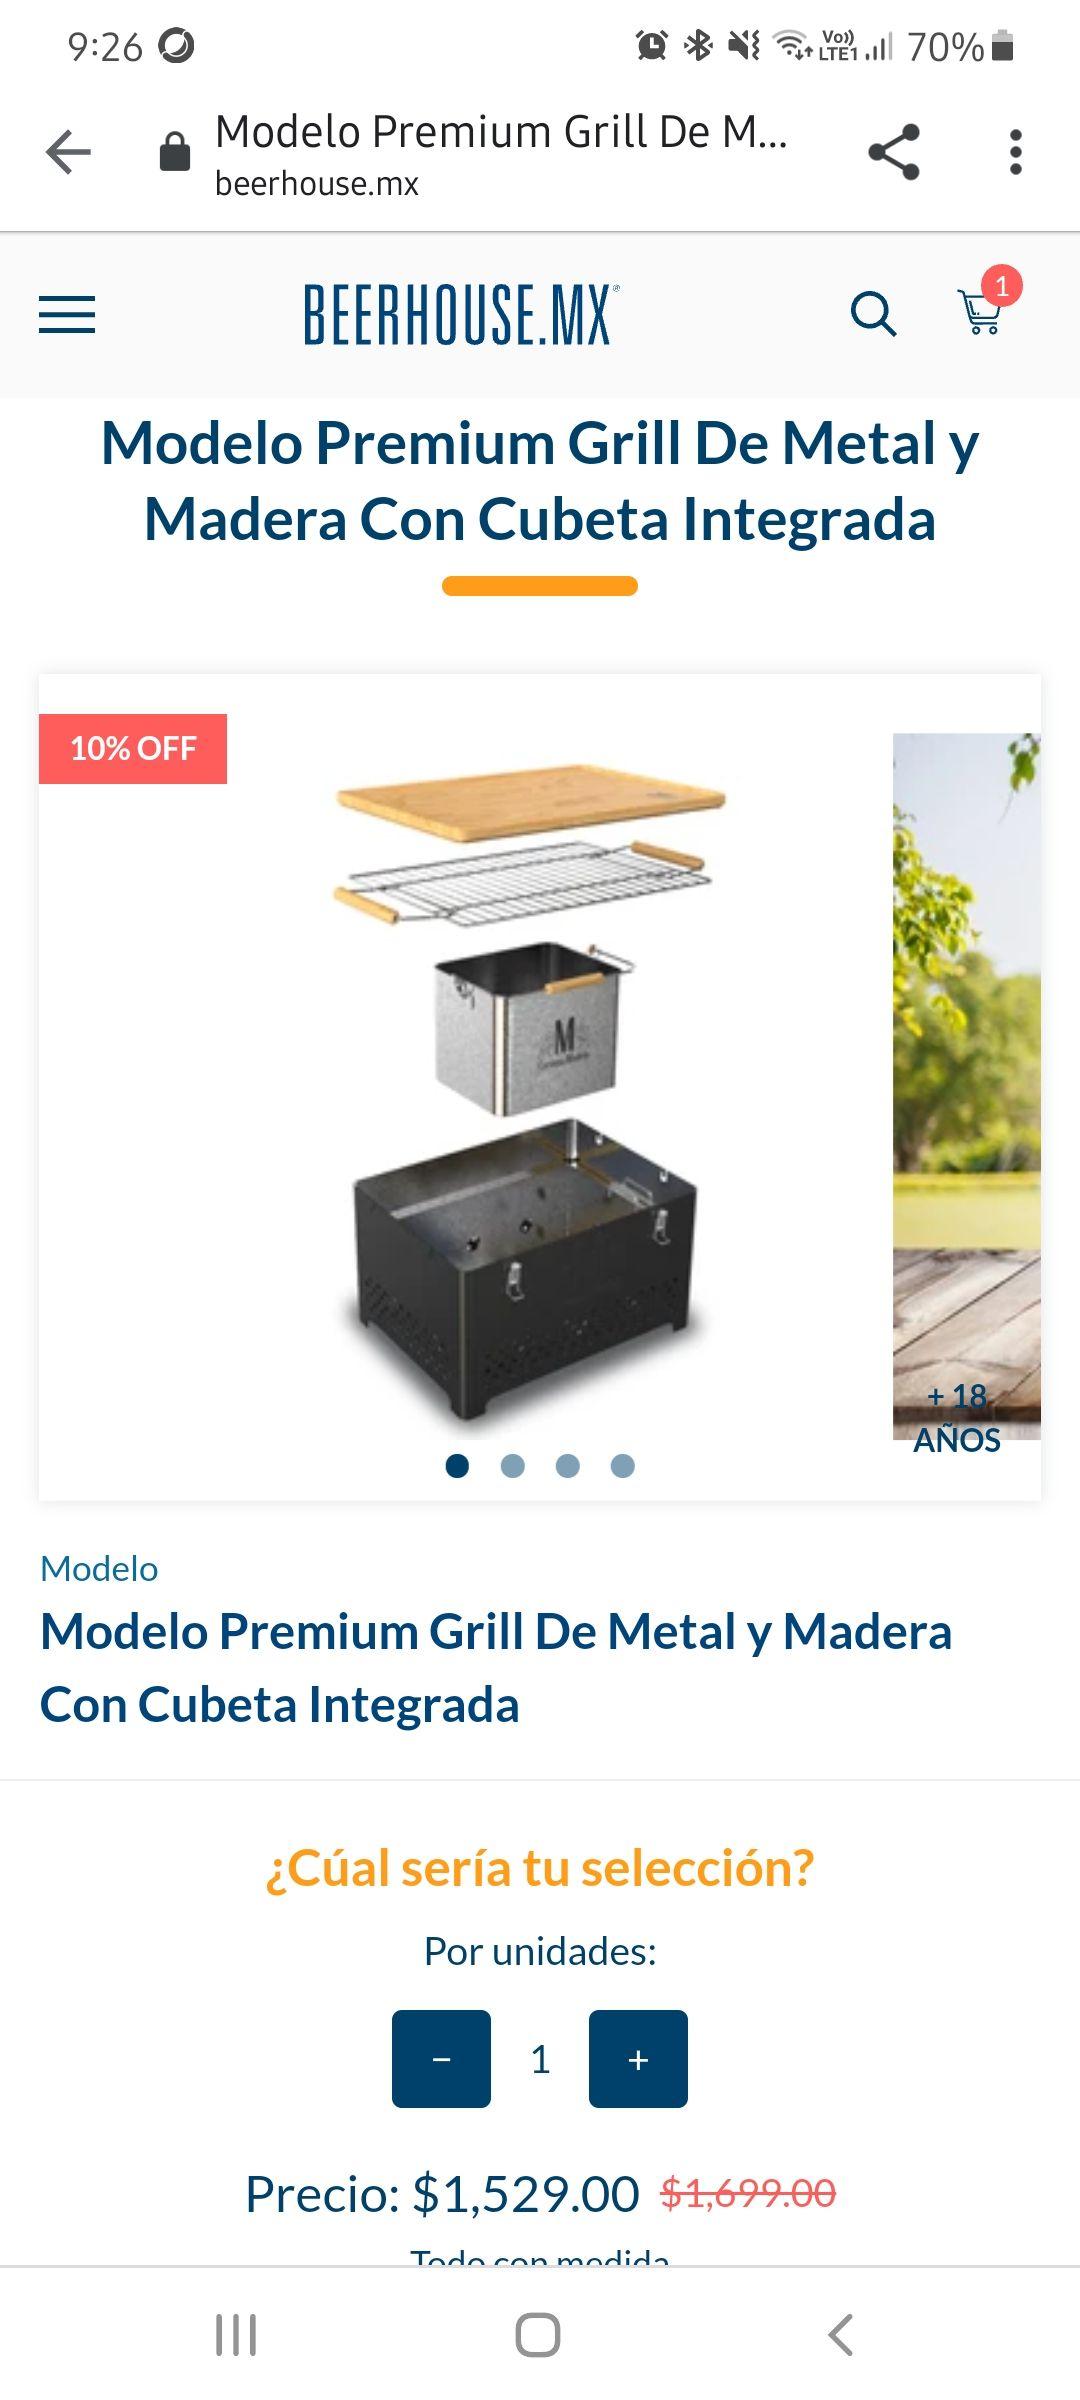 Beerhouse: Modelo Premium Grill De Metal y Madera Con Cubeta Integrada